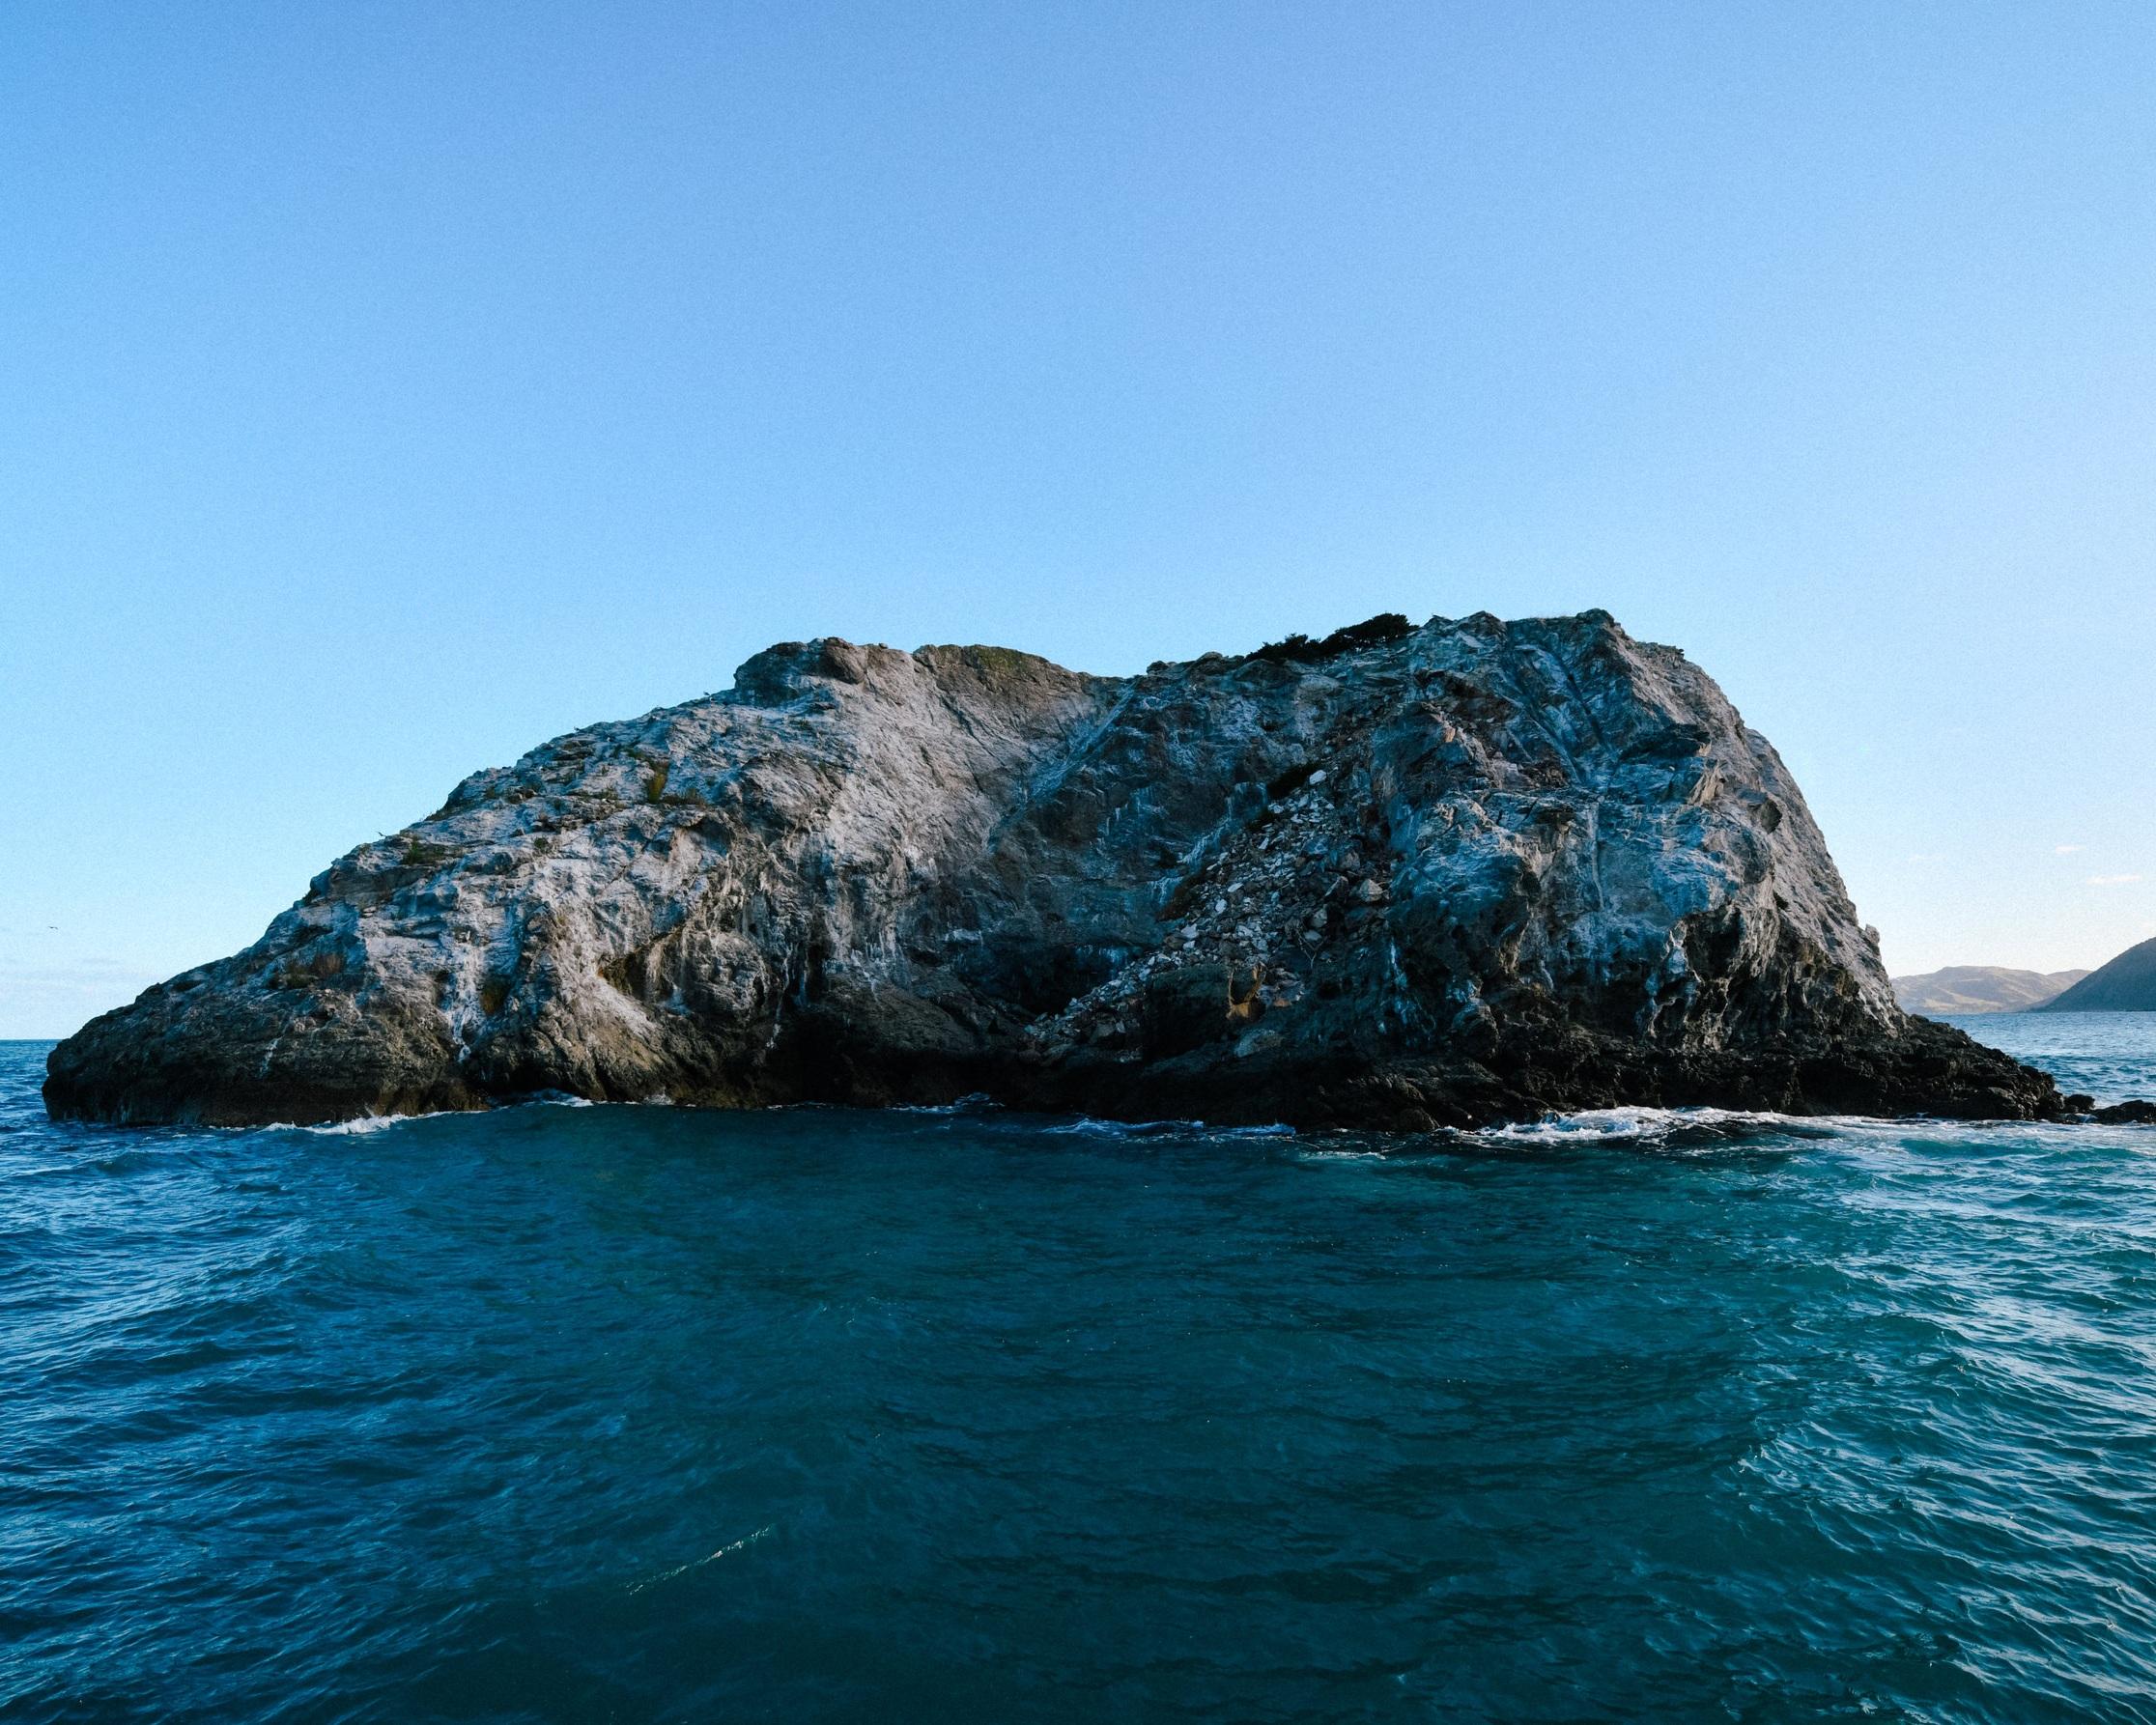 Kaikoura cliff